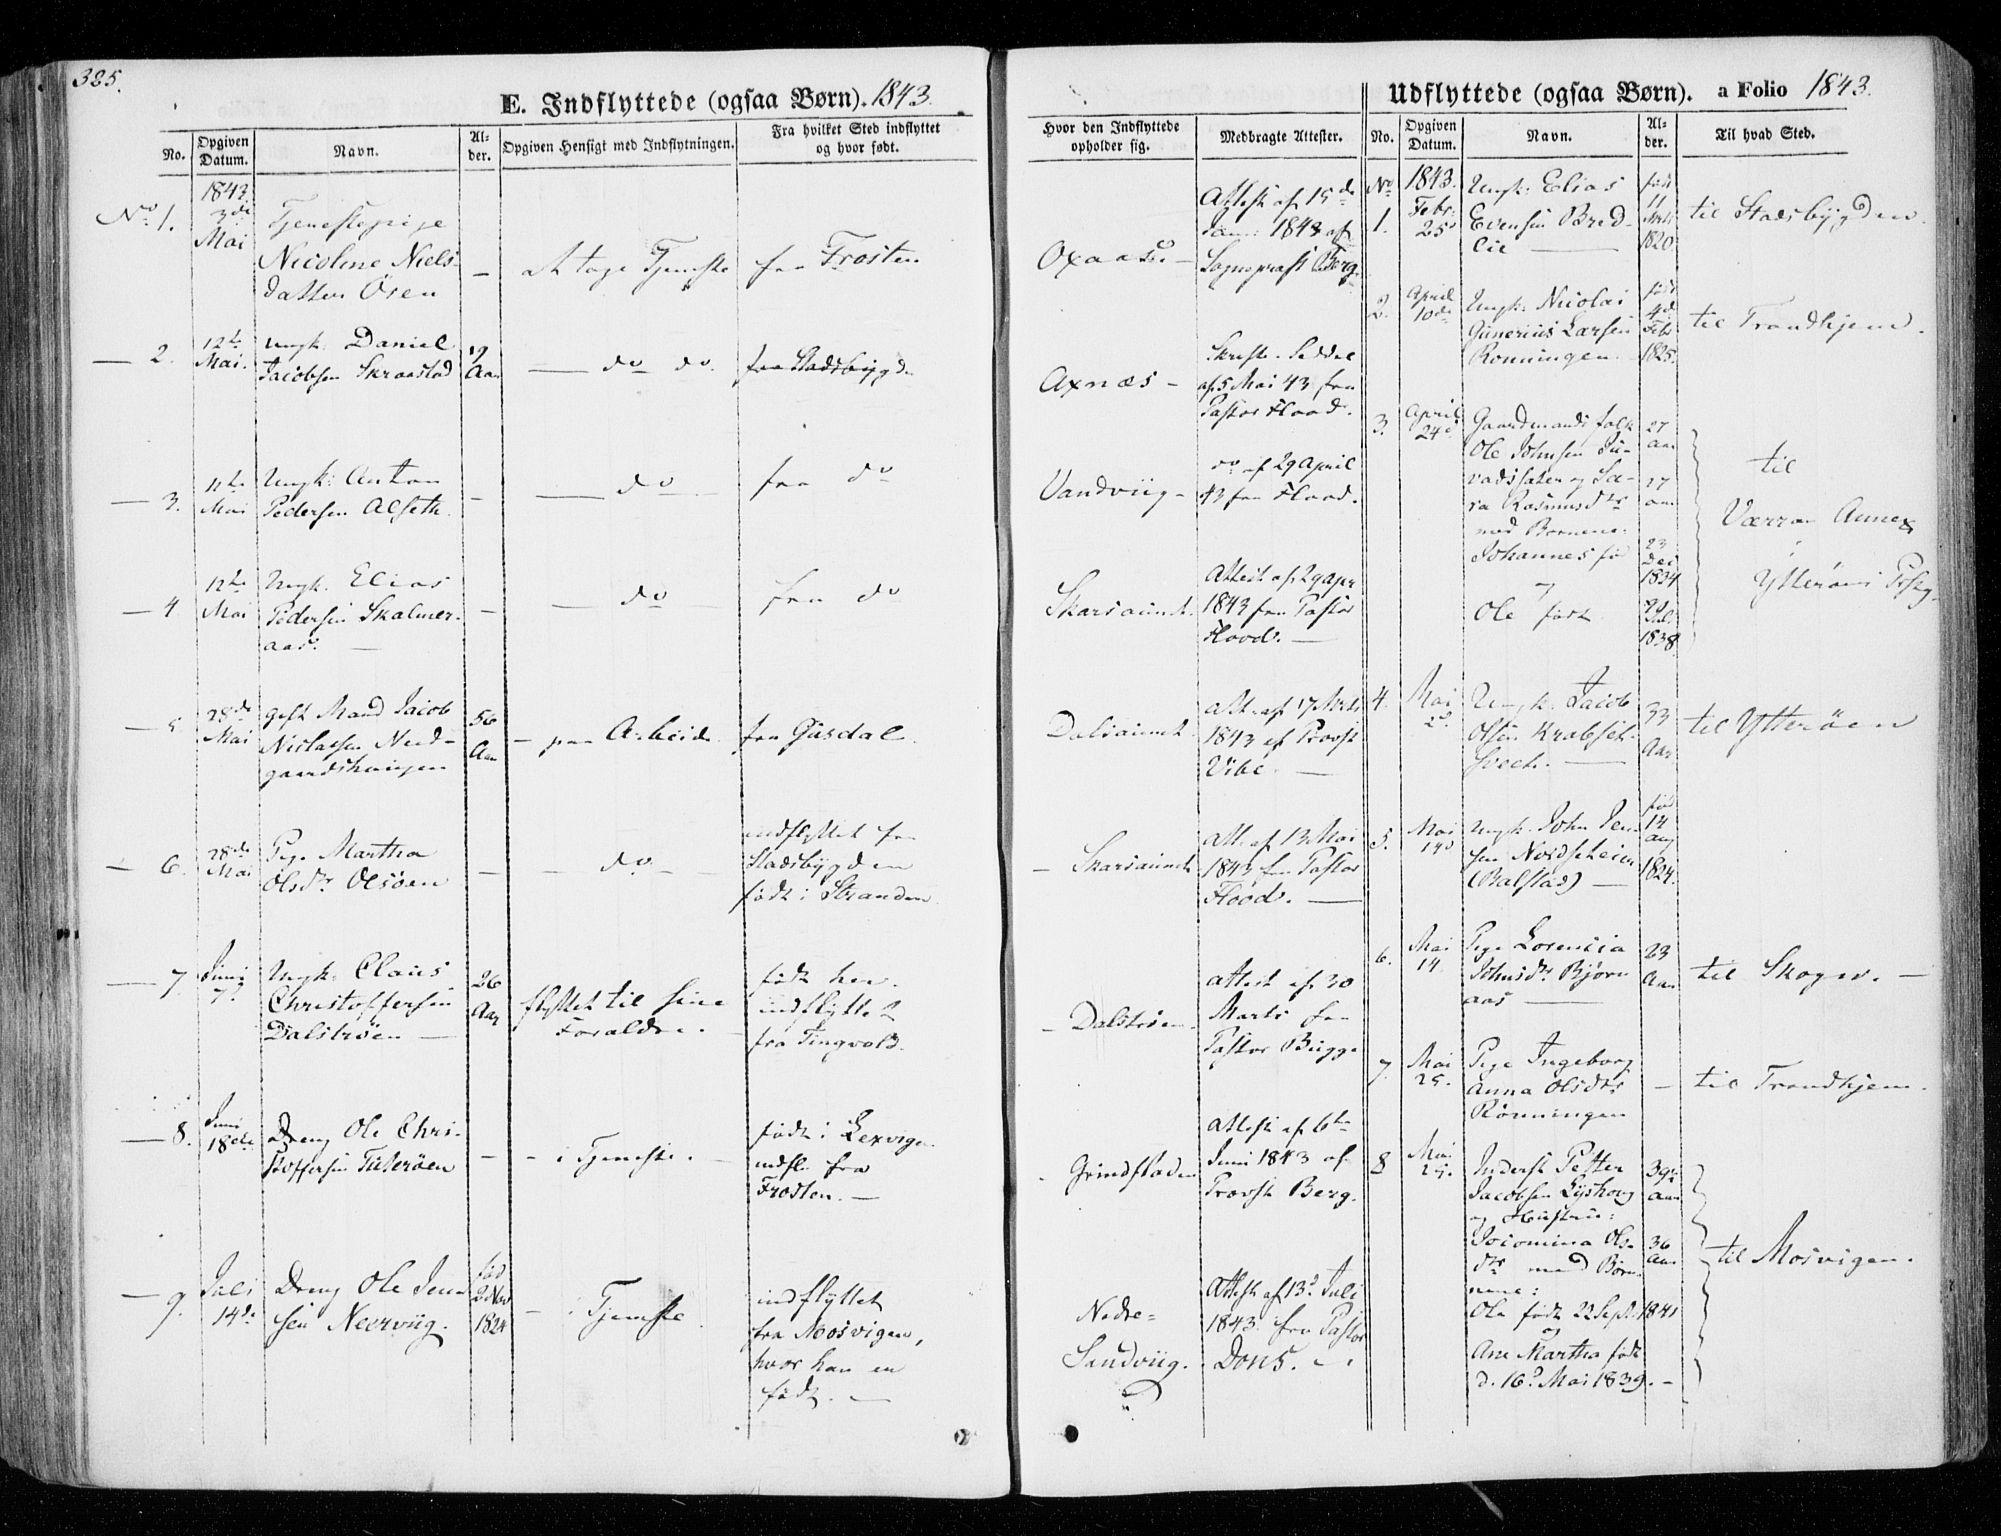 SAT, Ministerialprotokoller, klokkerbøker og fødselsregistre - Nord-Trøndelag, 701/L0007: Parish register (official) no. 701A07 /1, 1842-1854, p. 325